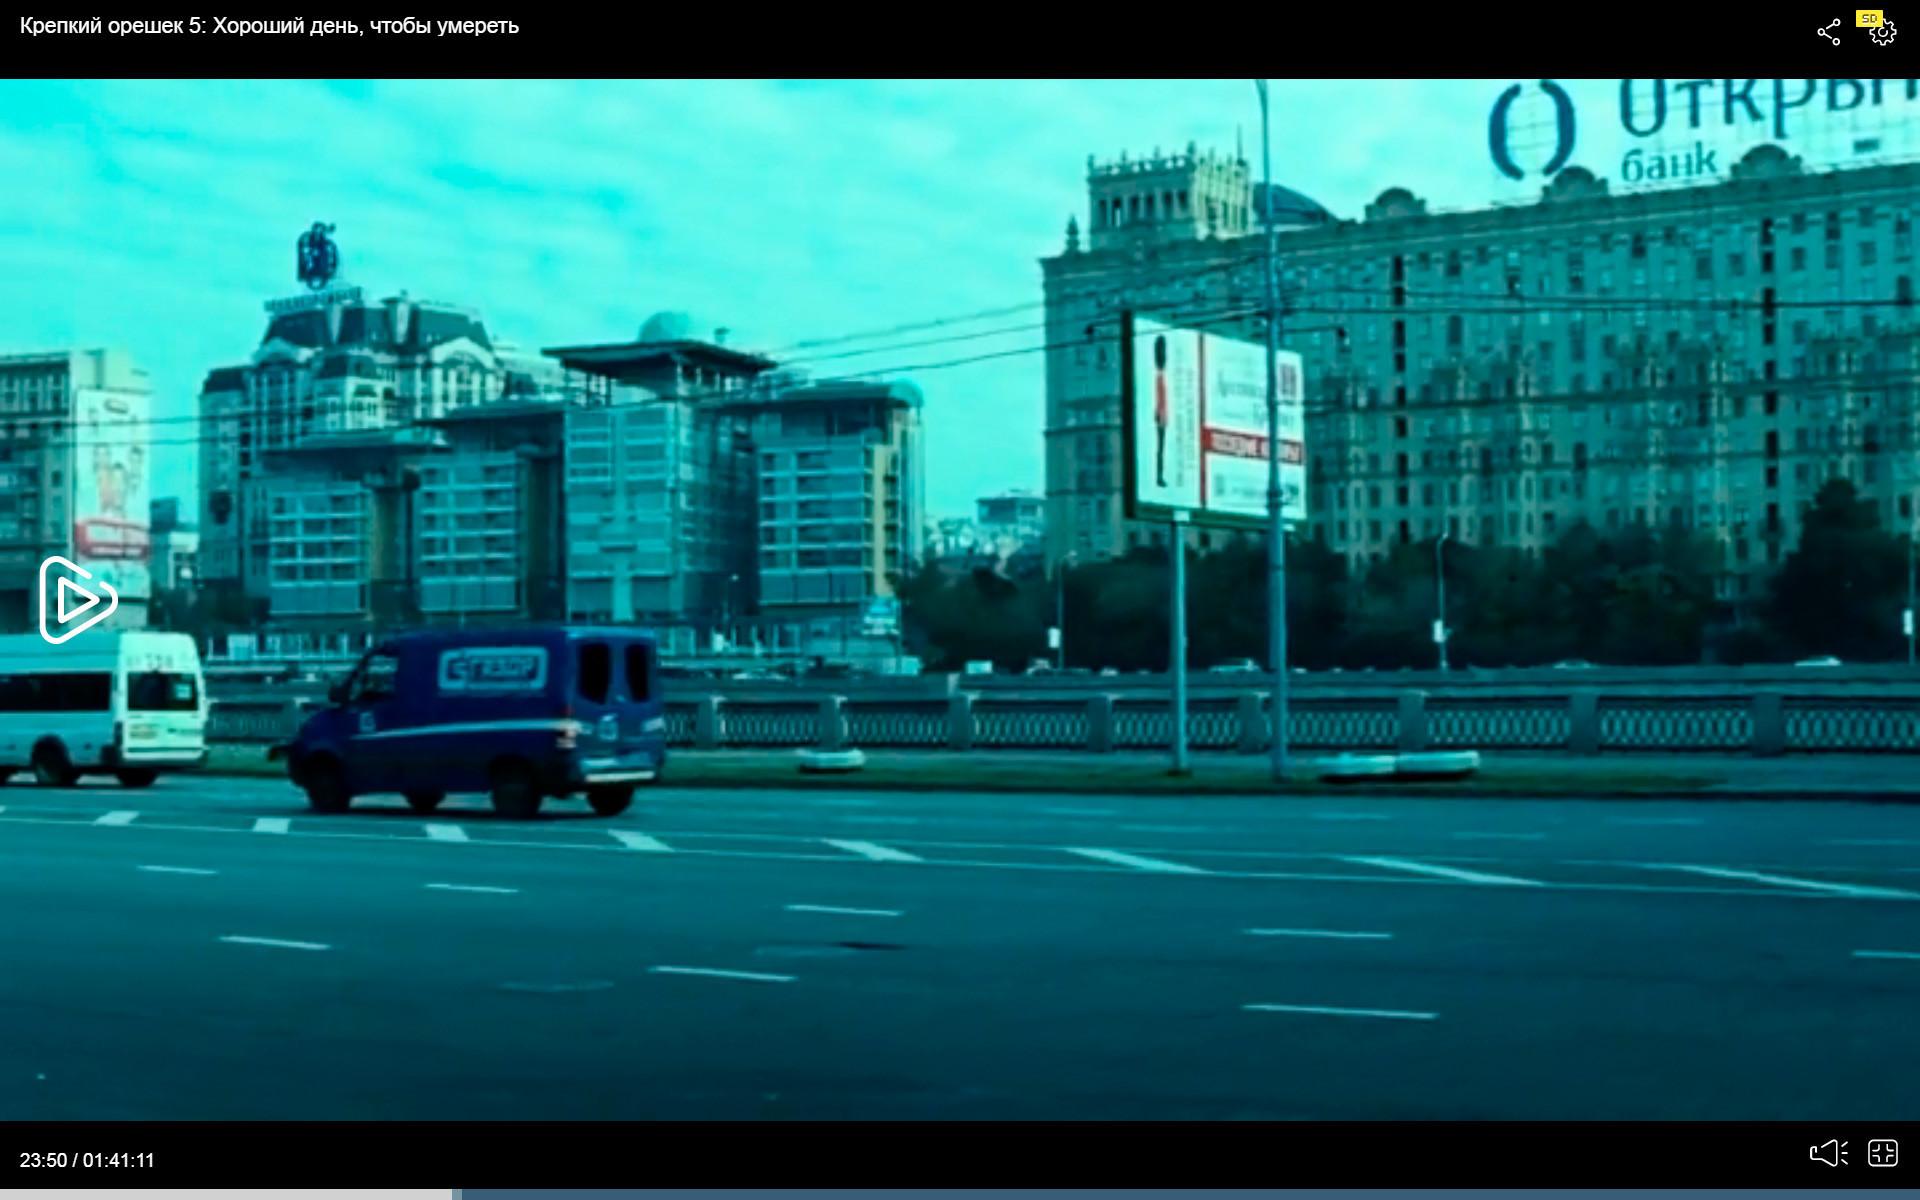 Ceci, cependant, est une véritable vue de Moscou, avec l'ambassade du Royaume-Uni en Russie située sur le quai Smolenskaïa